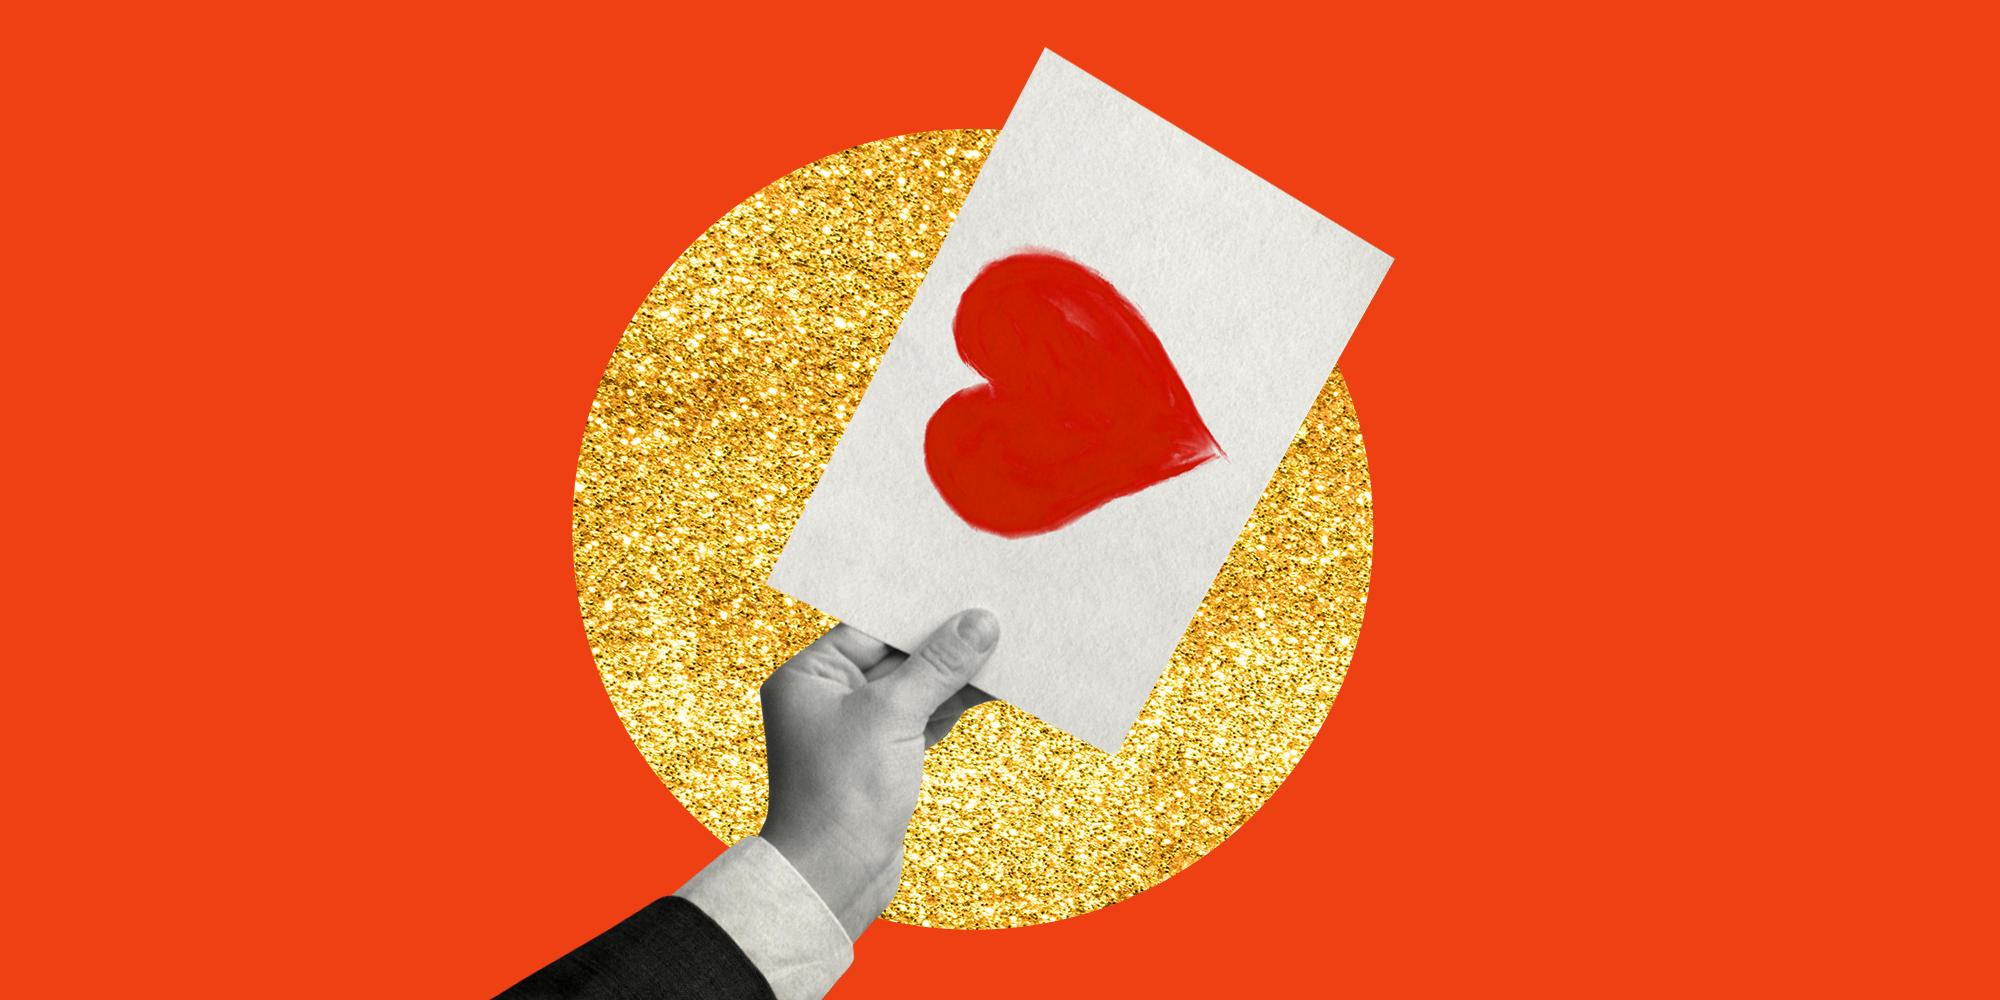 Επιλέγοντας ερωτικό σύντροφο σύμφωνα με το Χάρβαρντ